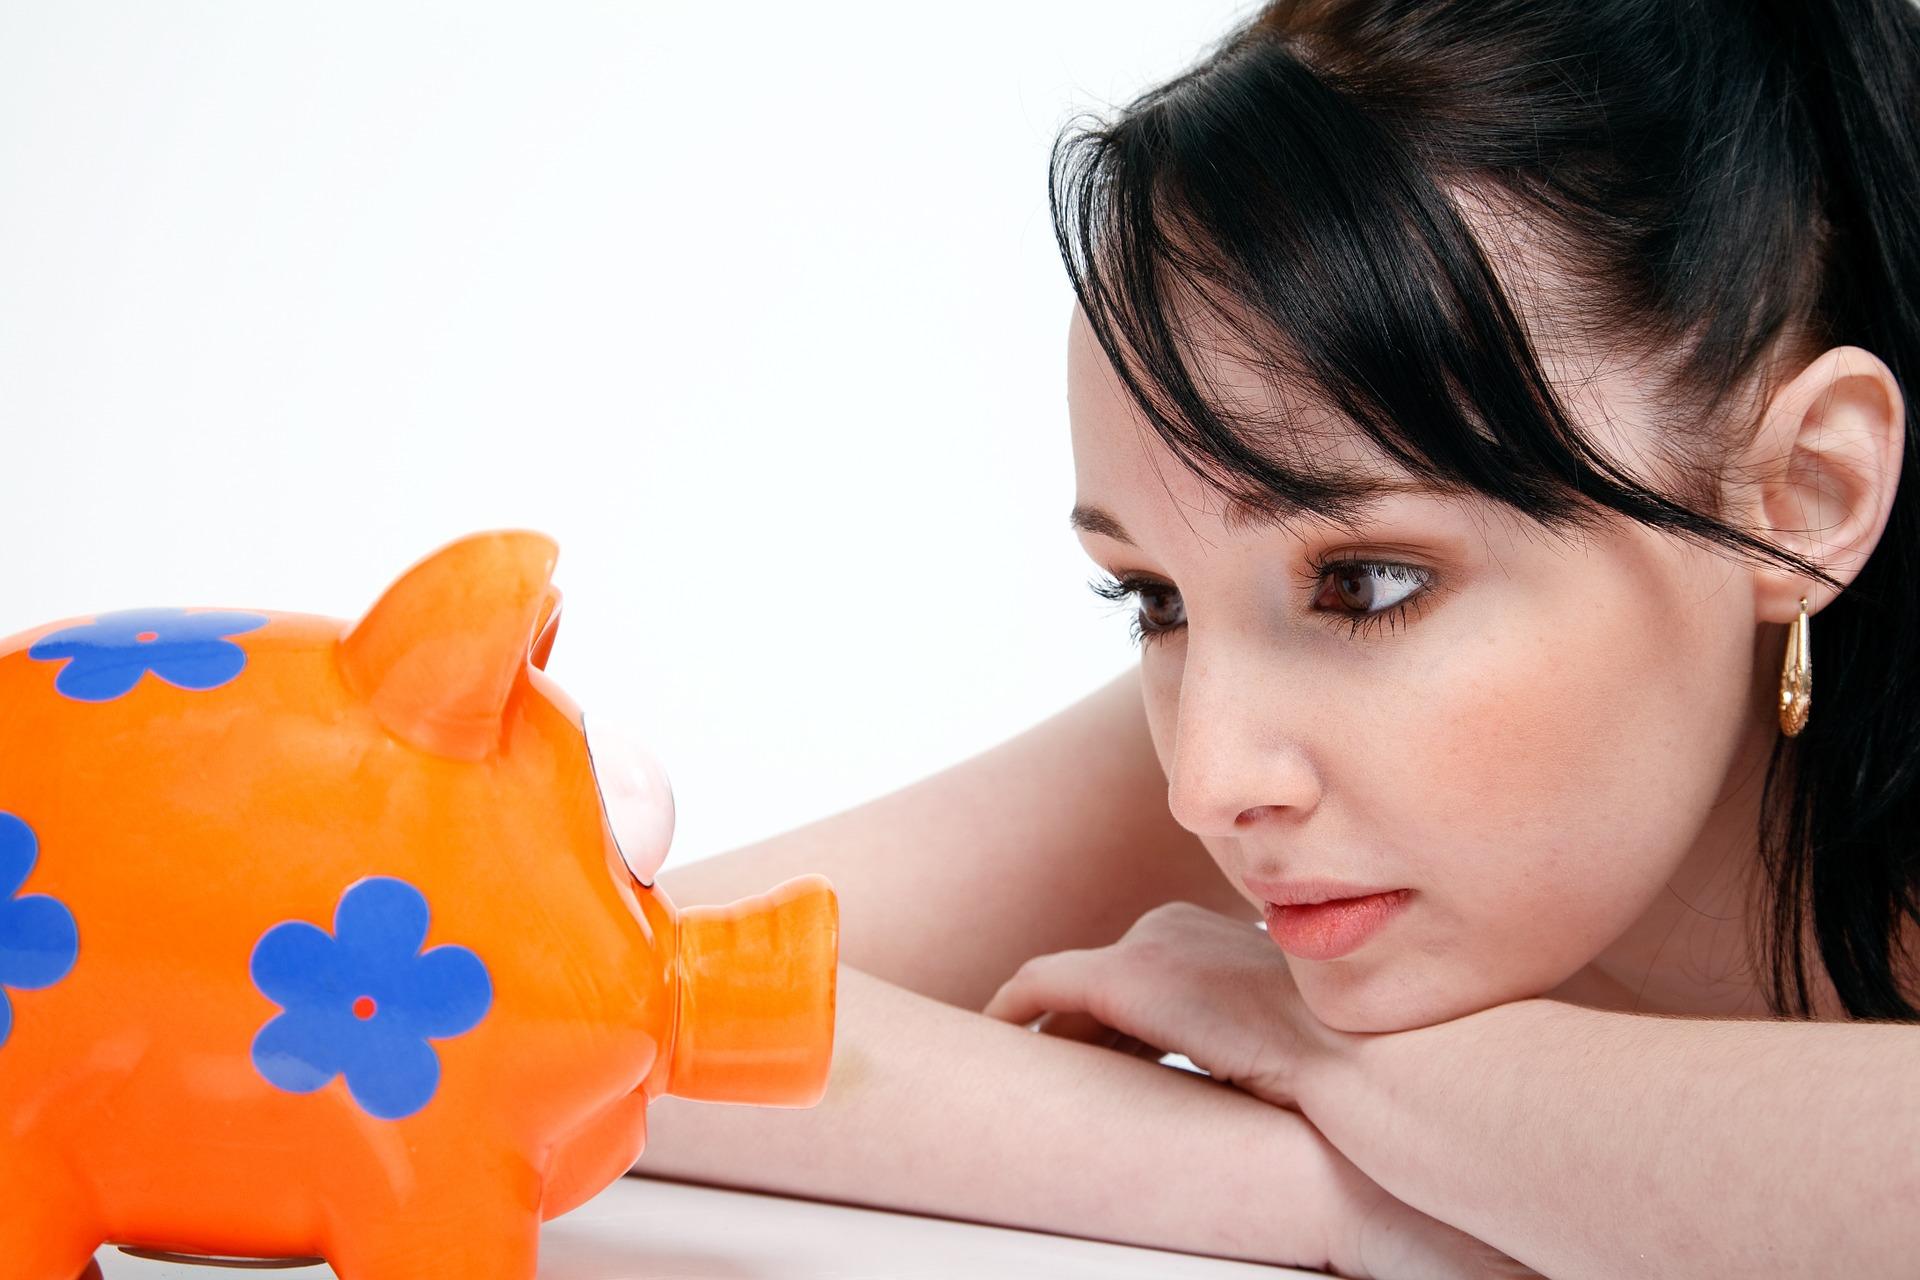 piggy-bank-850607_1920.jpg